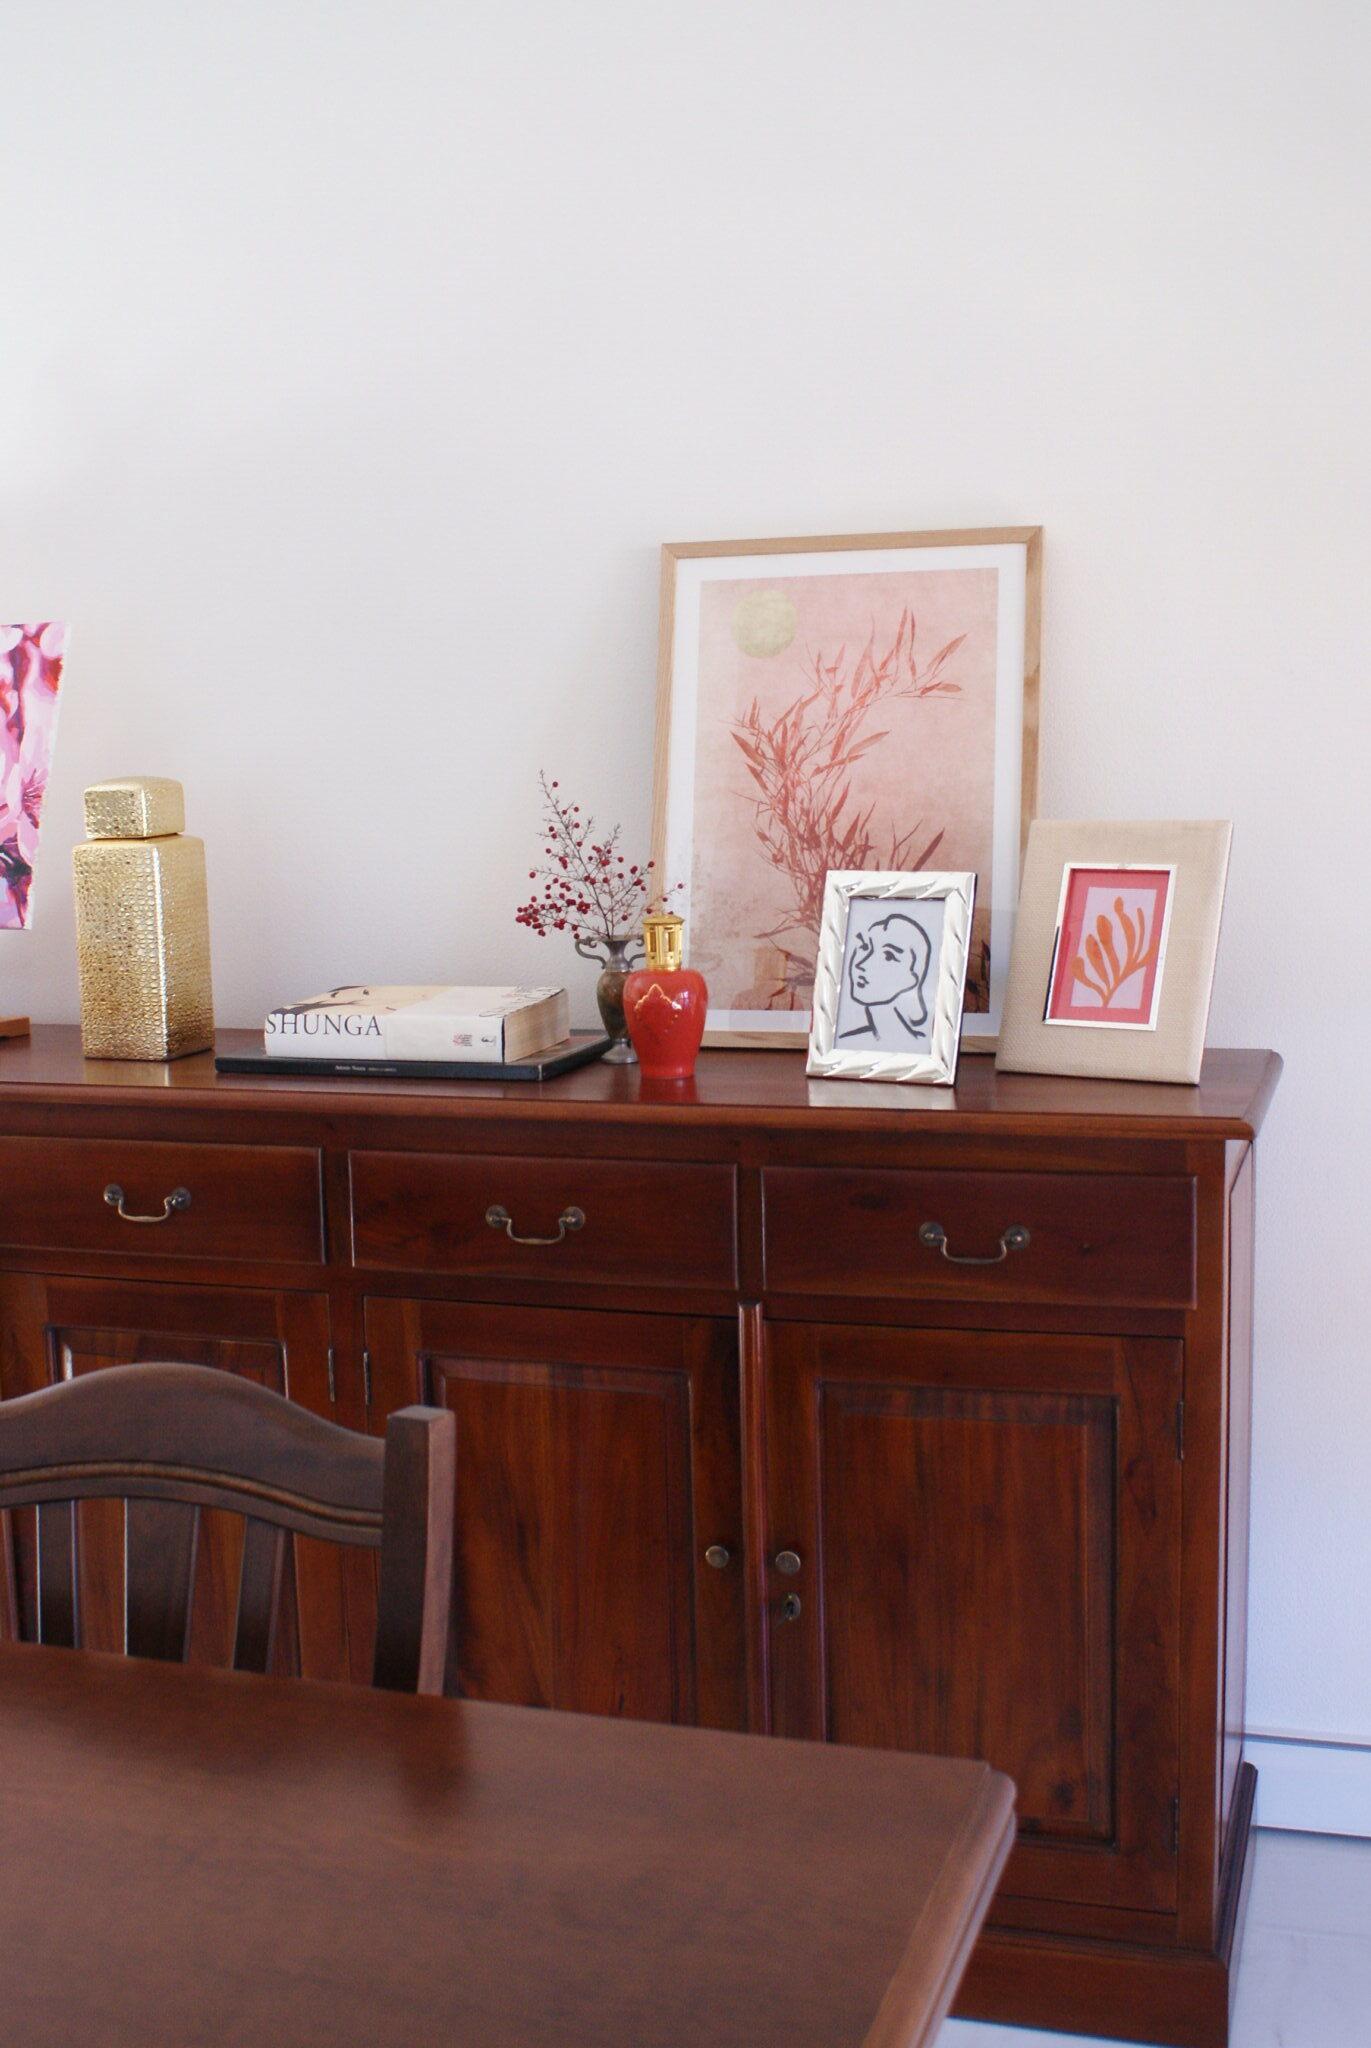 5 five ways tricks tips inexpensive make home look expensive budget luxurious consigli trucchi modi far sembrare casa costosa economici decor minimalist